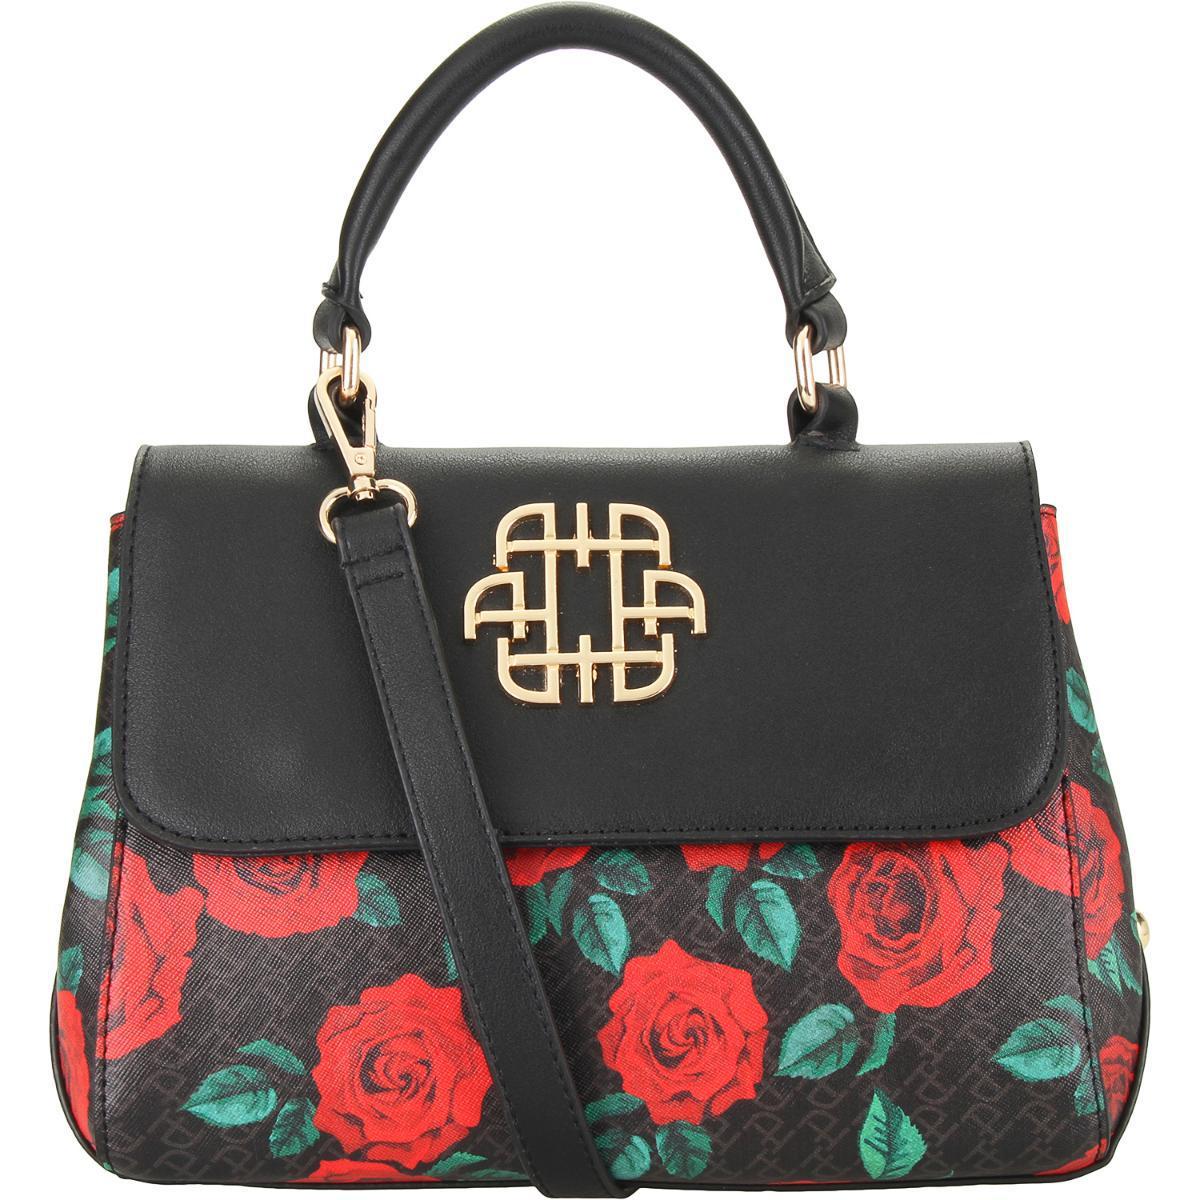 71a76ac2efd49 Bolsa Feminina Tote Rosas Ana Hickmann AHV189 - Bolsas e Sacolas ...